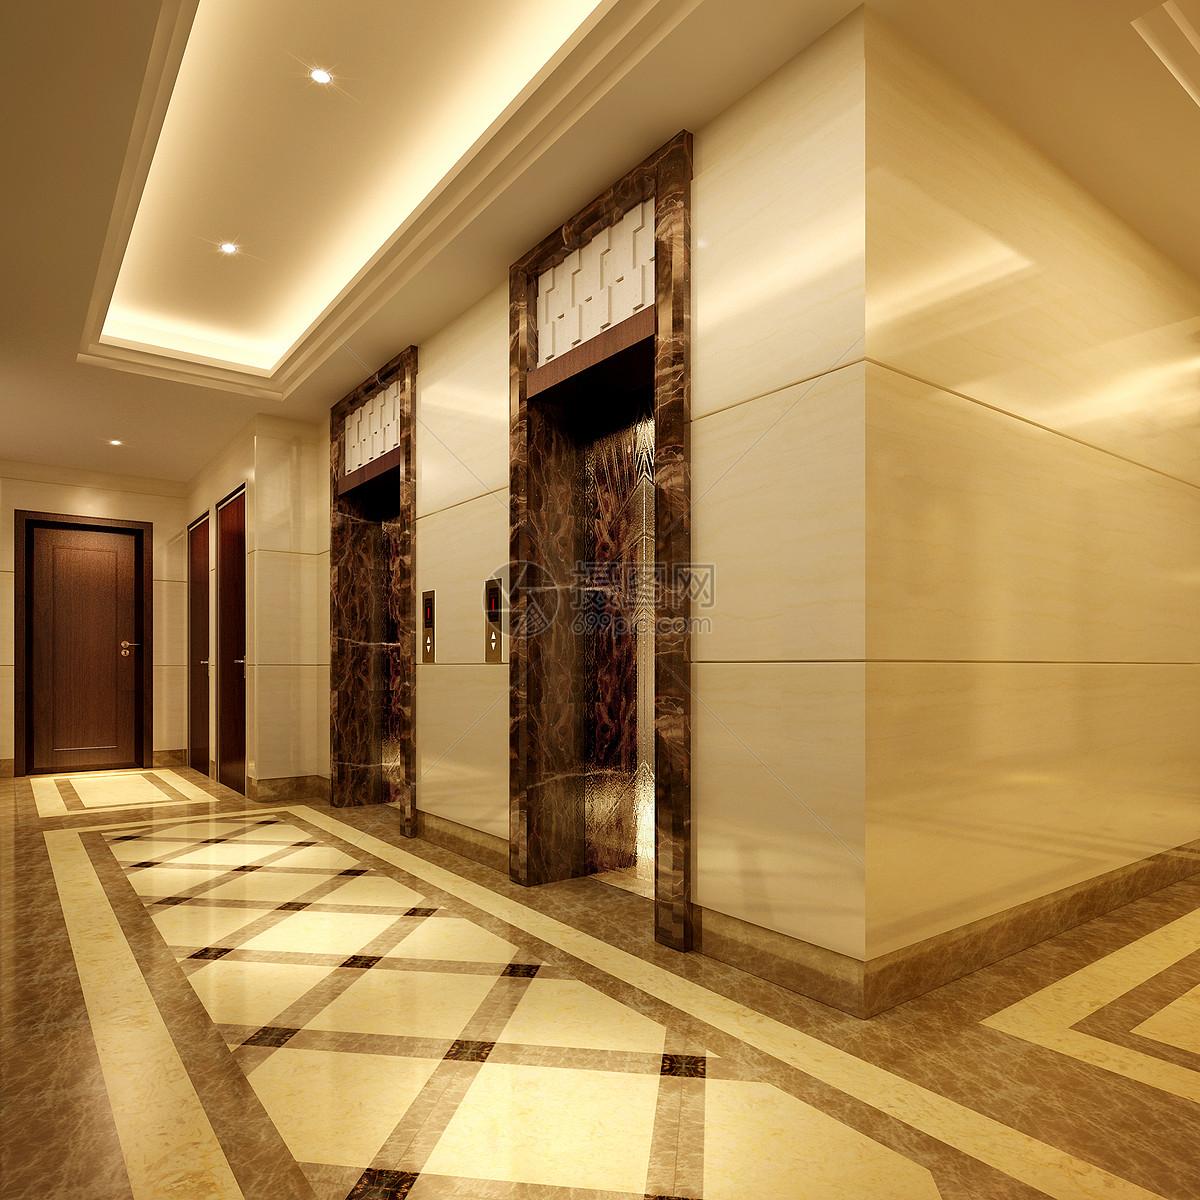 效果图玄关地砖拼花现代走廊效果图图片现代走廊效果图图片免费下载